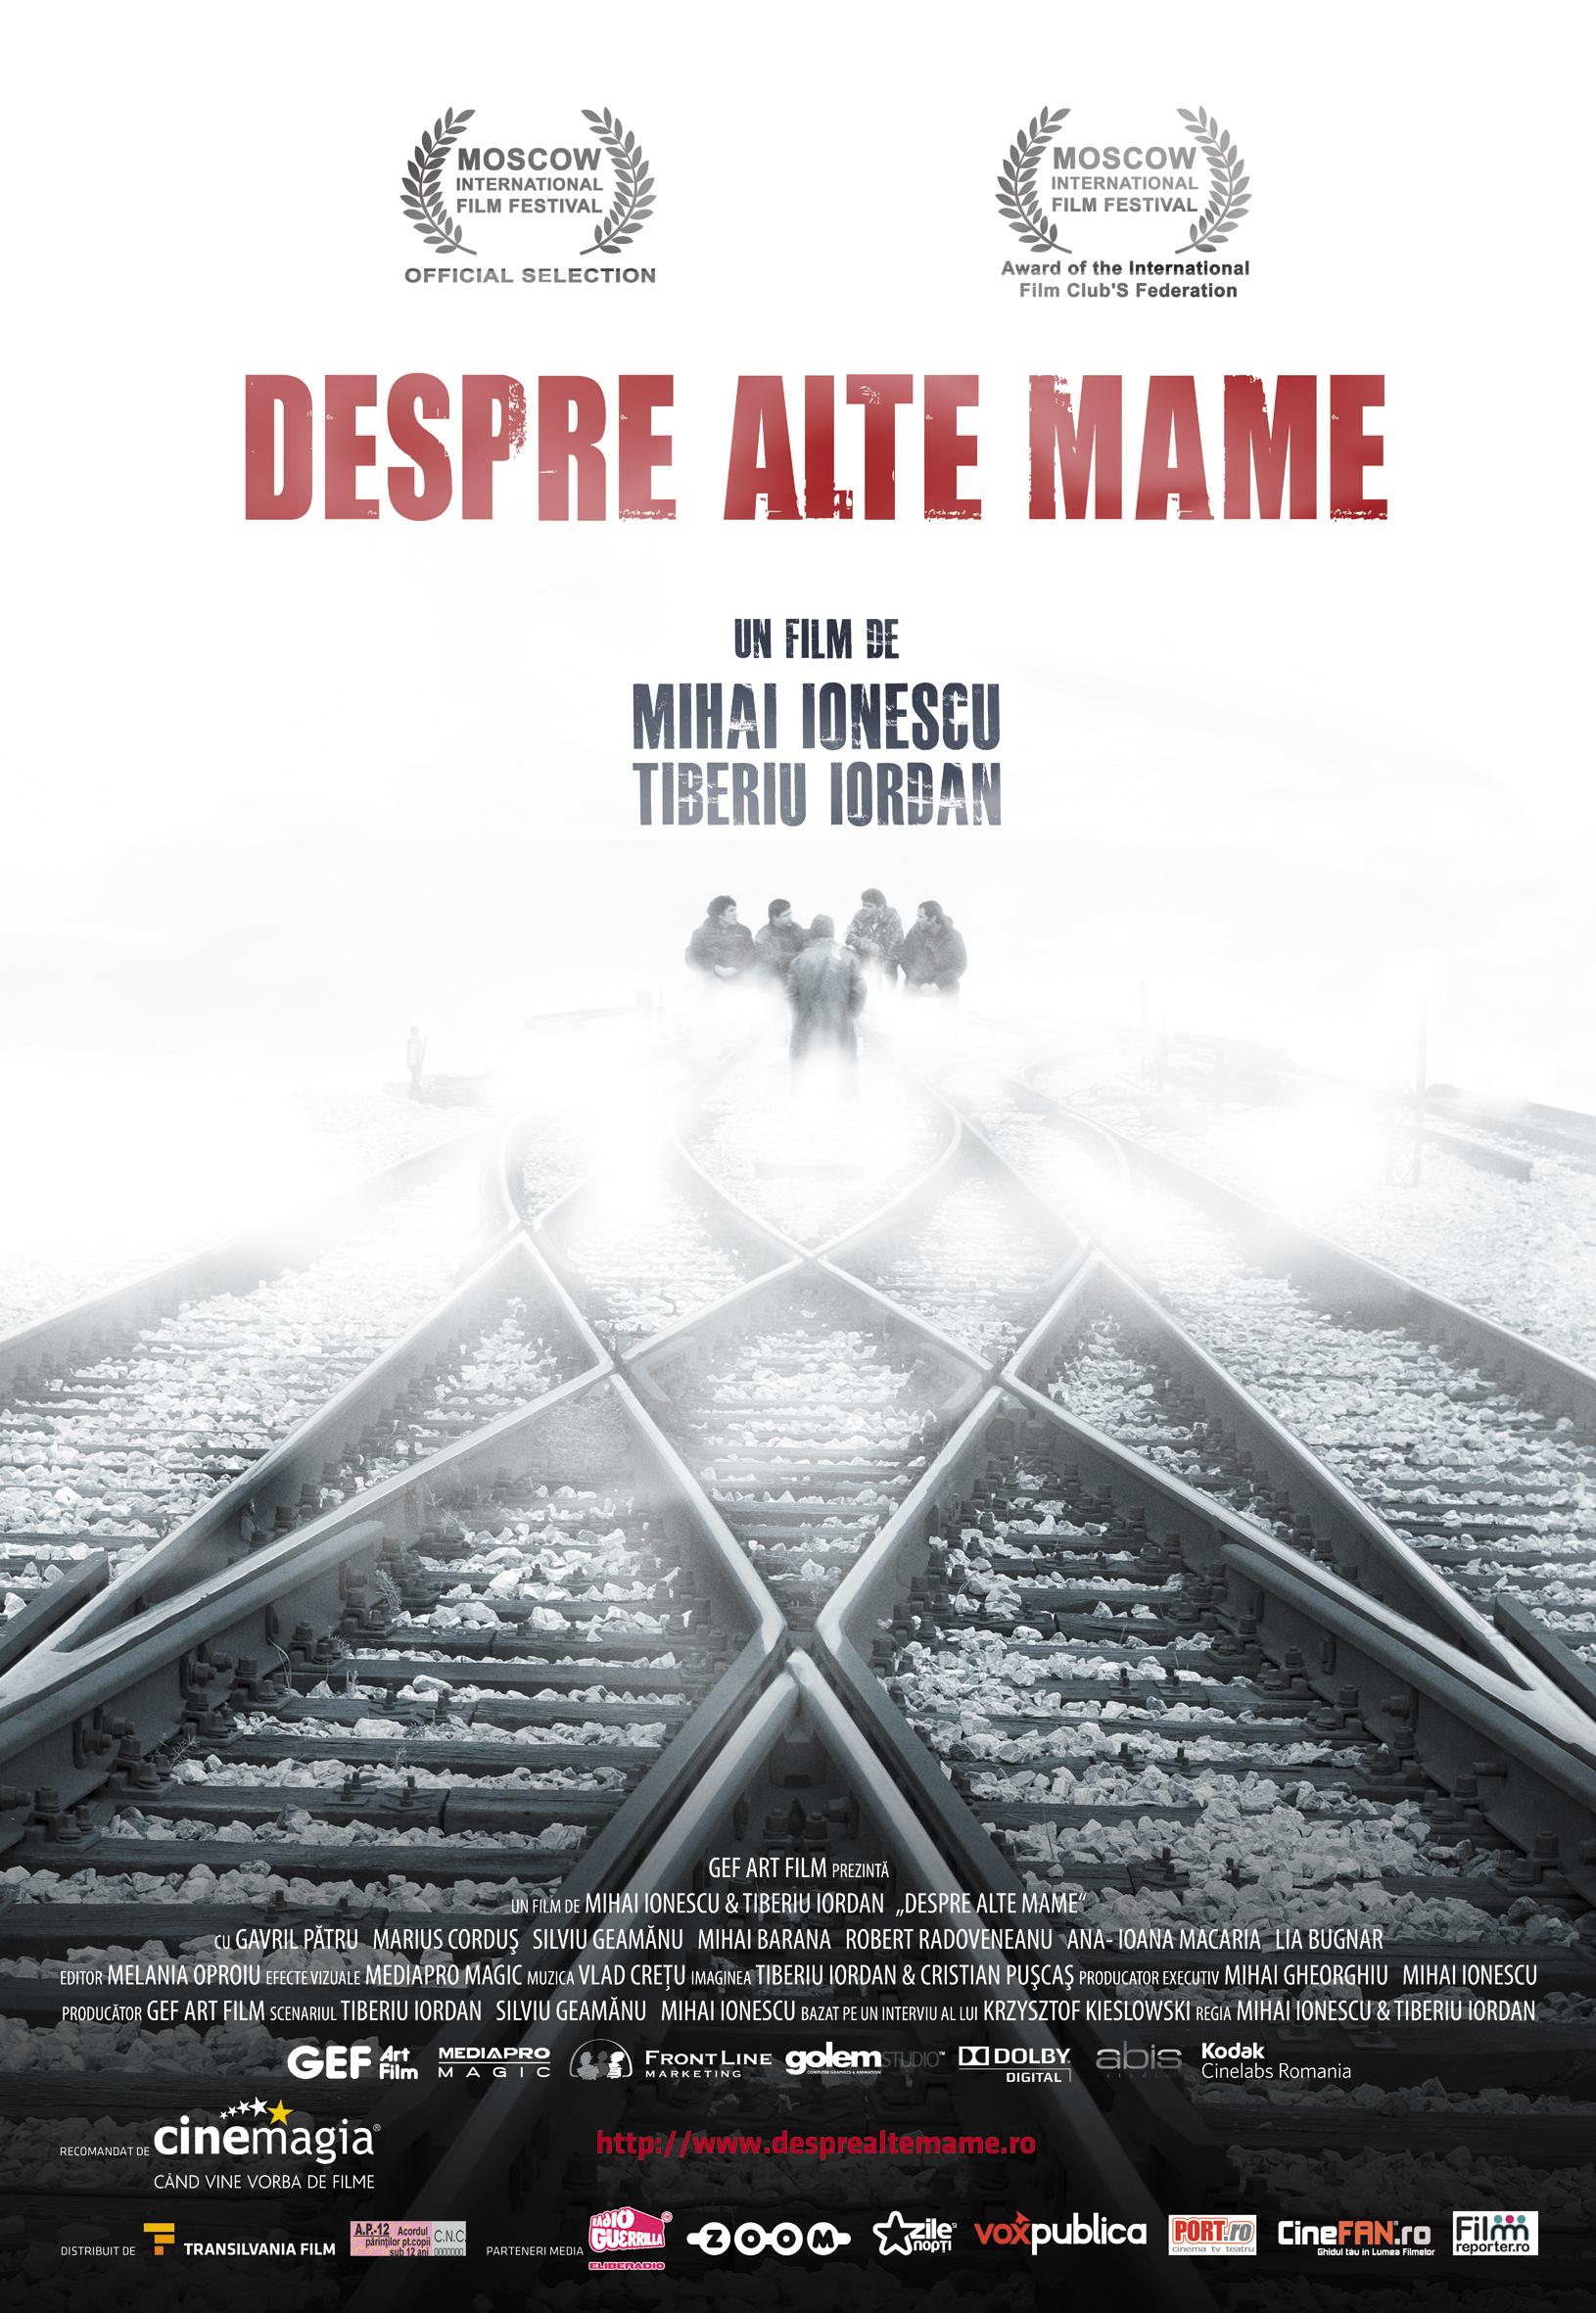 Despre alte mame (2010) - Photo